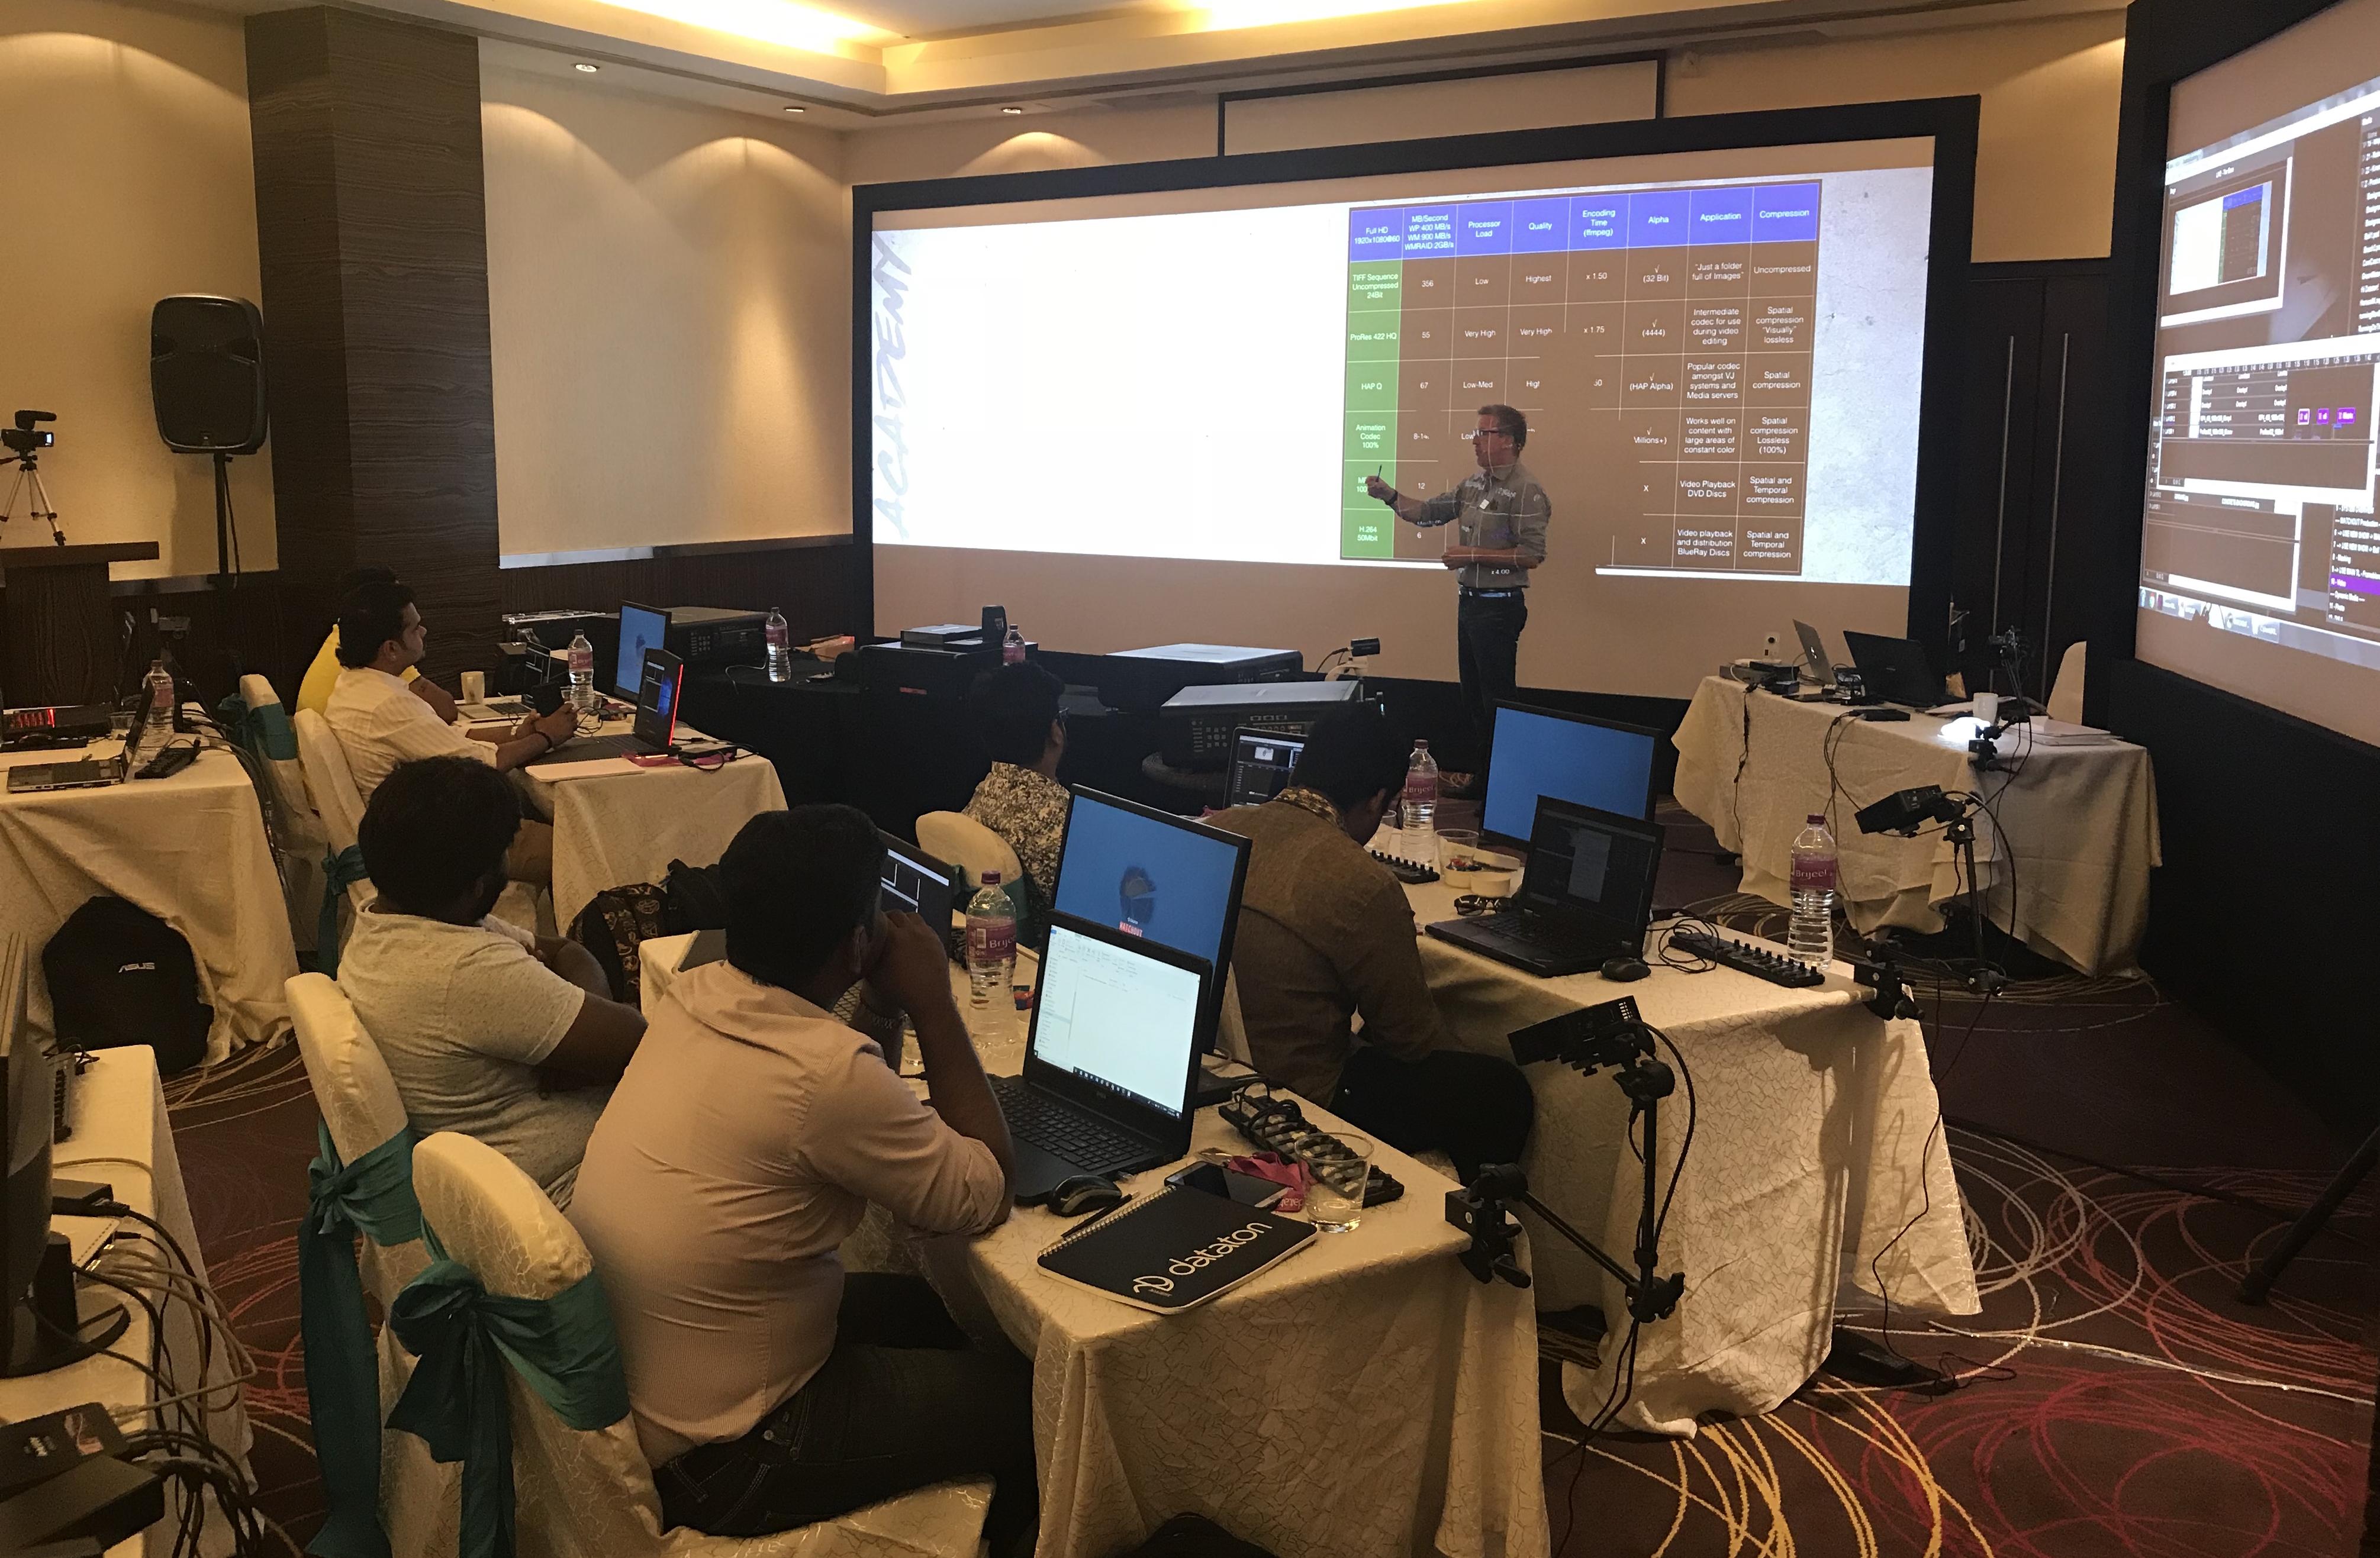 Dataton-Academy-Mumbai-June-2018.jpg?mtime=20180702162055#asset:4009